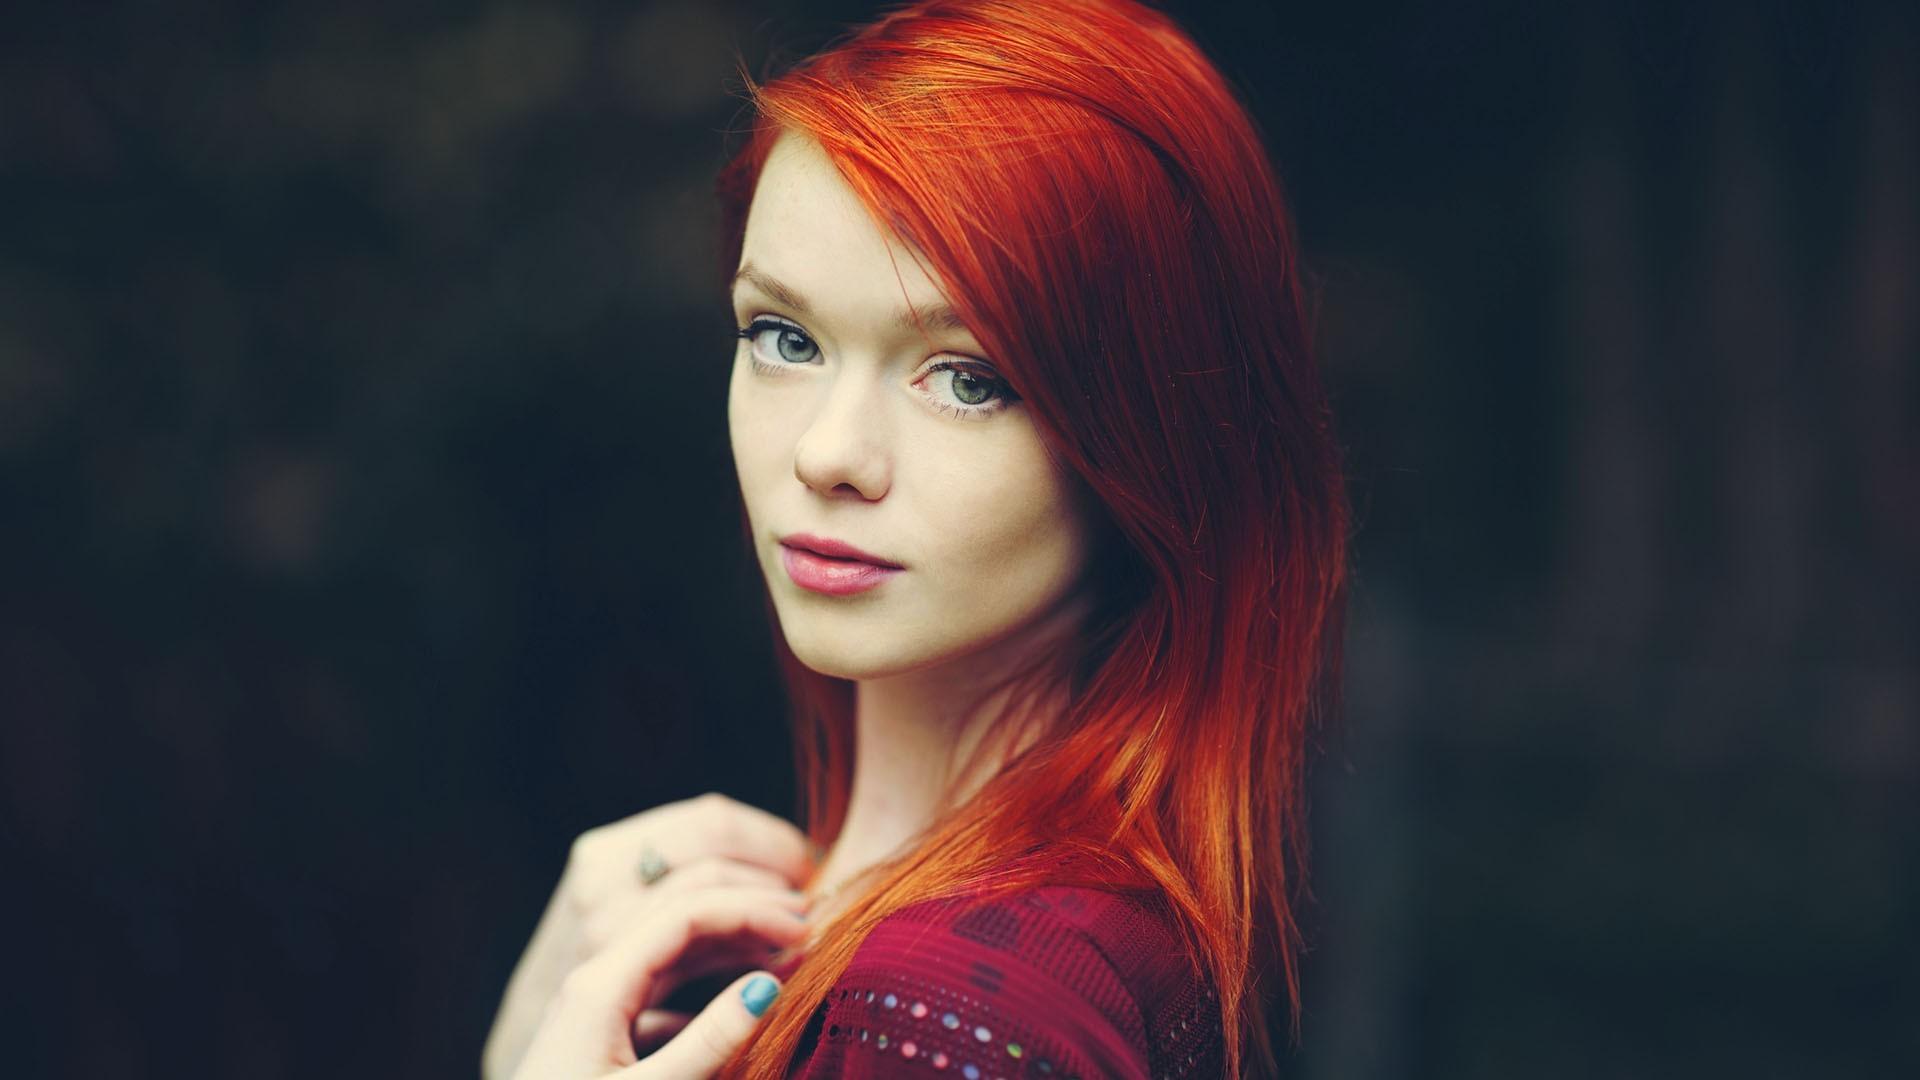 Рыжие девушки фото с зелеными глазами красивые фото